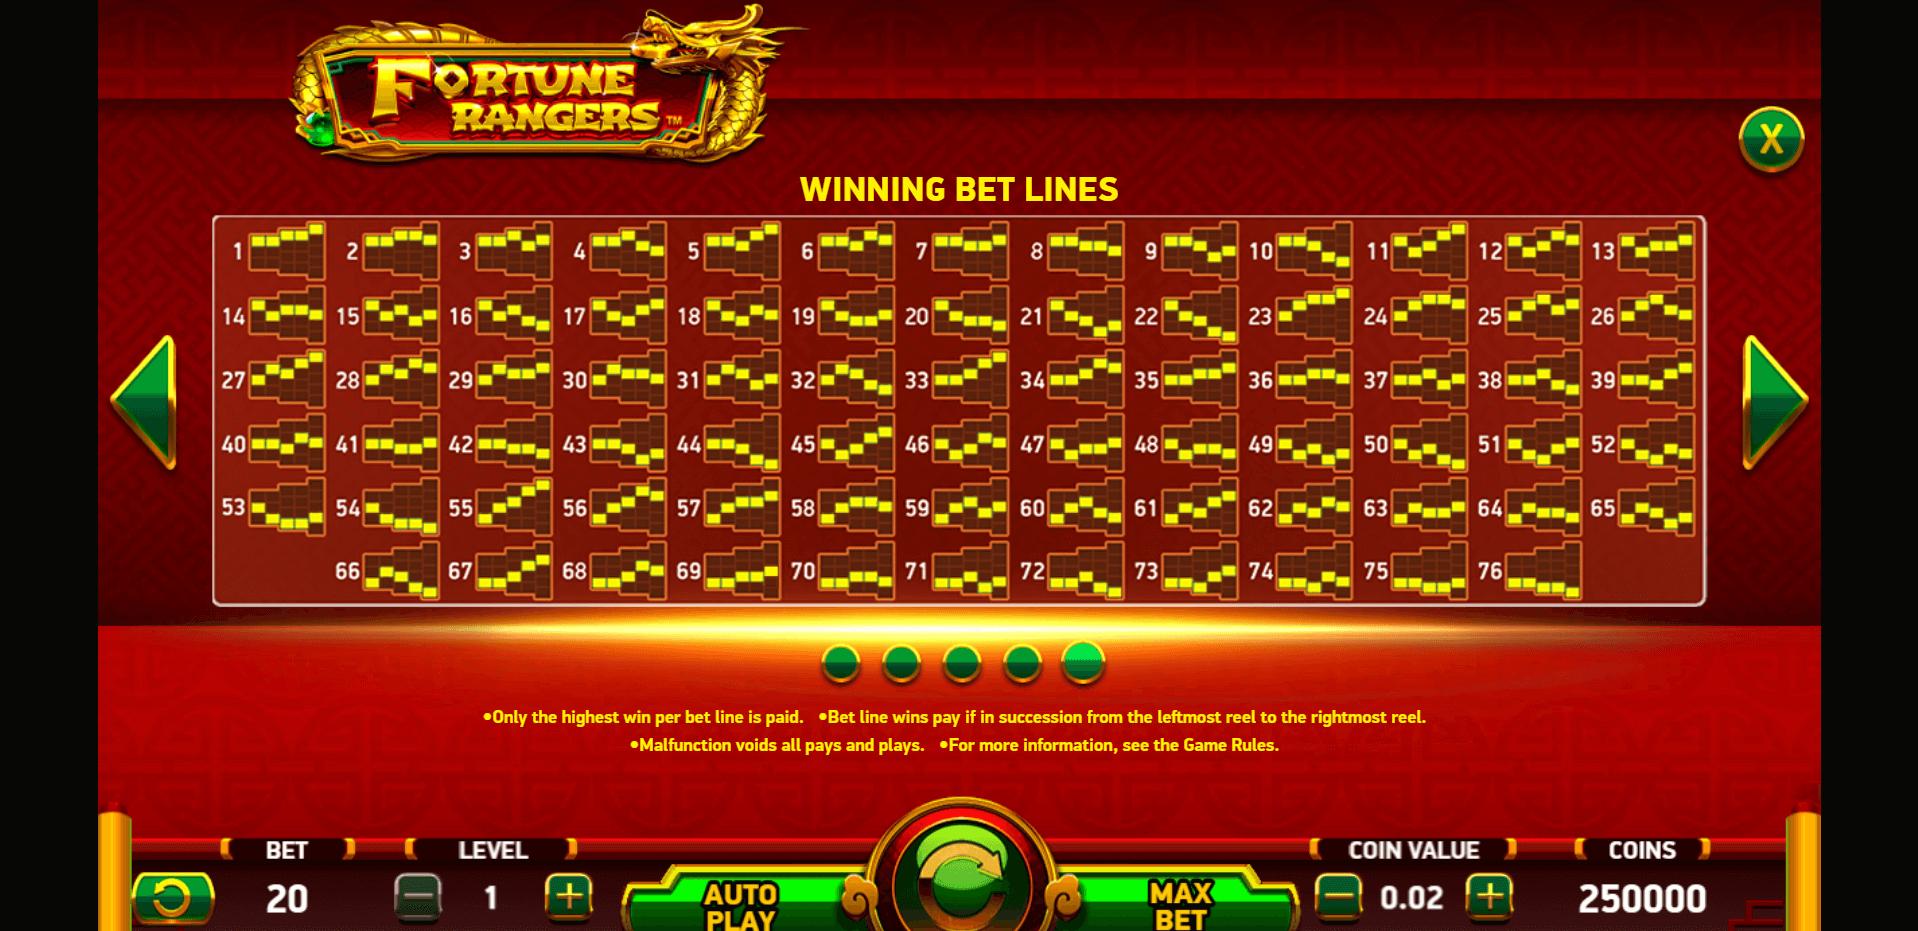 Fortune Rangers Slot Machine